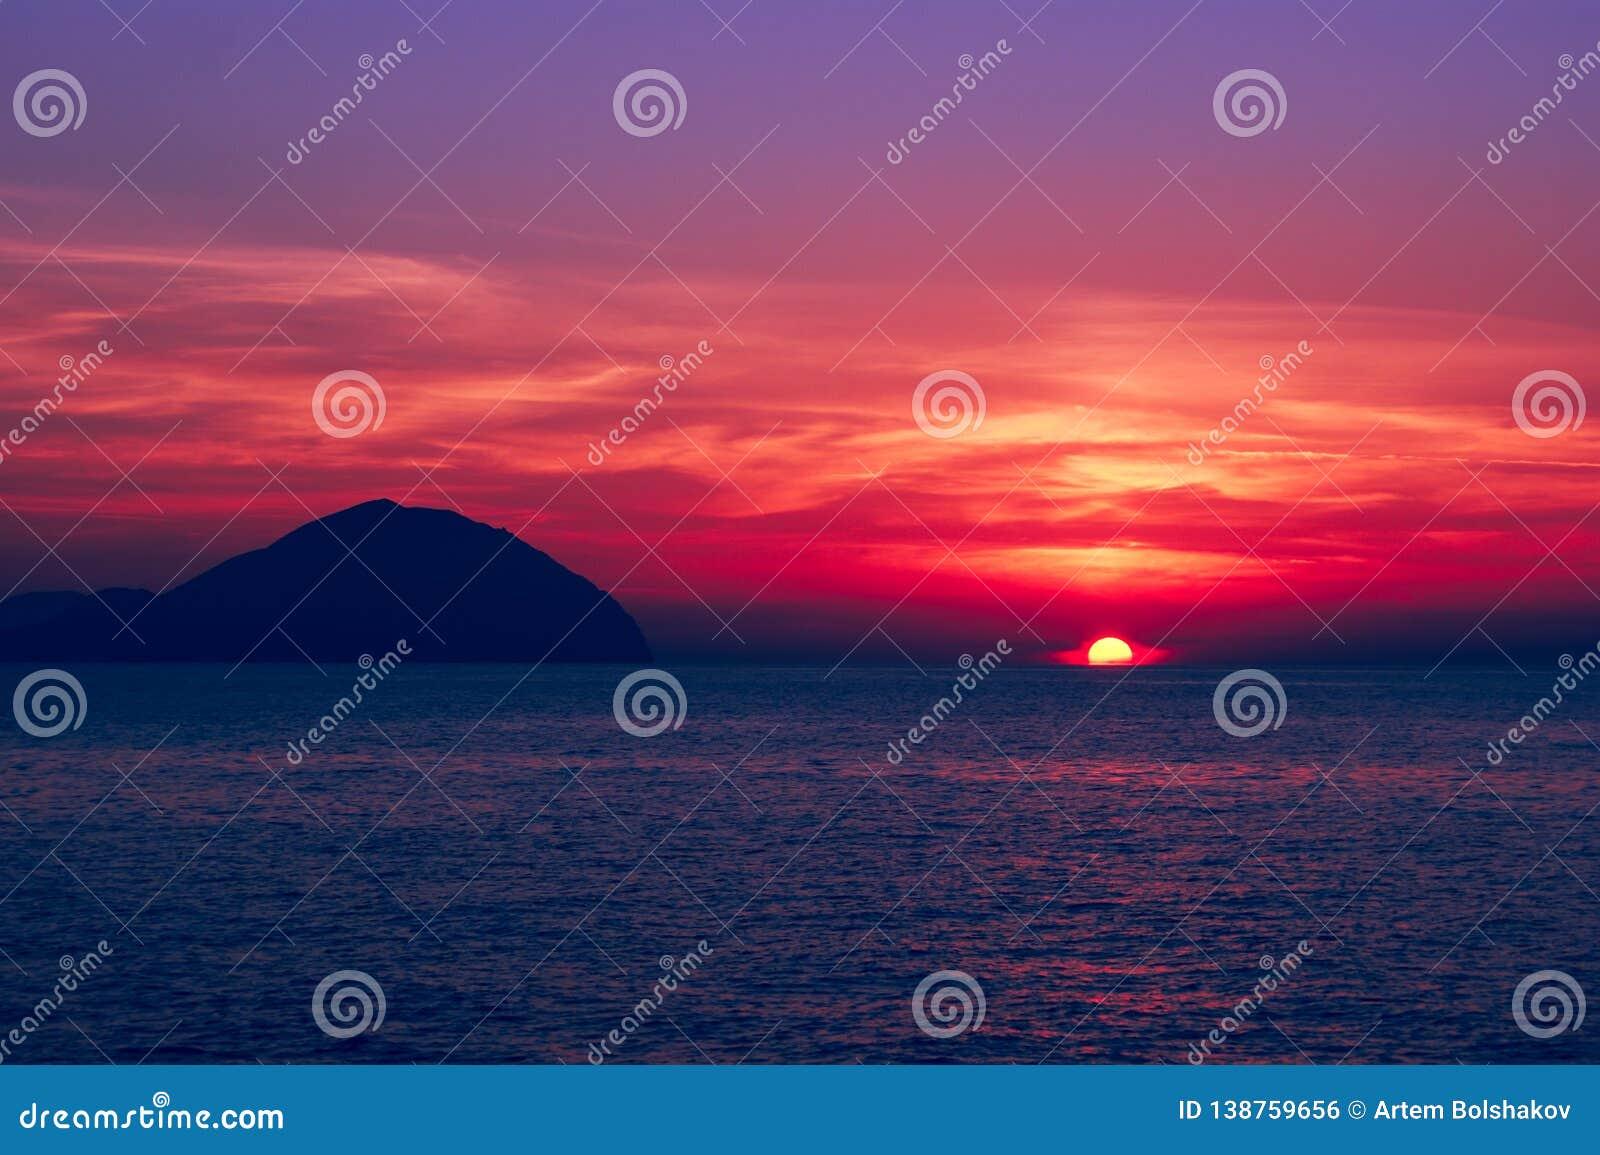 όμορφο seascape ηλιοβασίλεμα Διαποτισμένα χρώματα, σκιαγραφία ενός δύσκολου νησιού στη θάλασσα